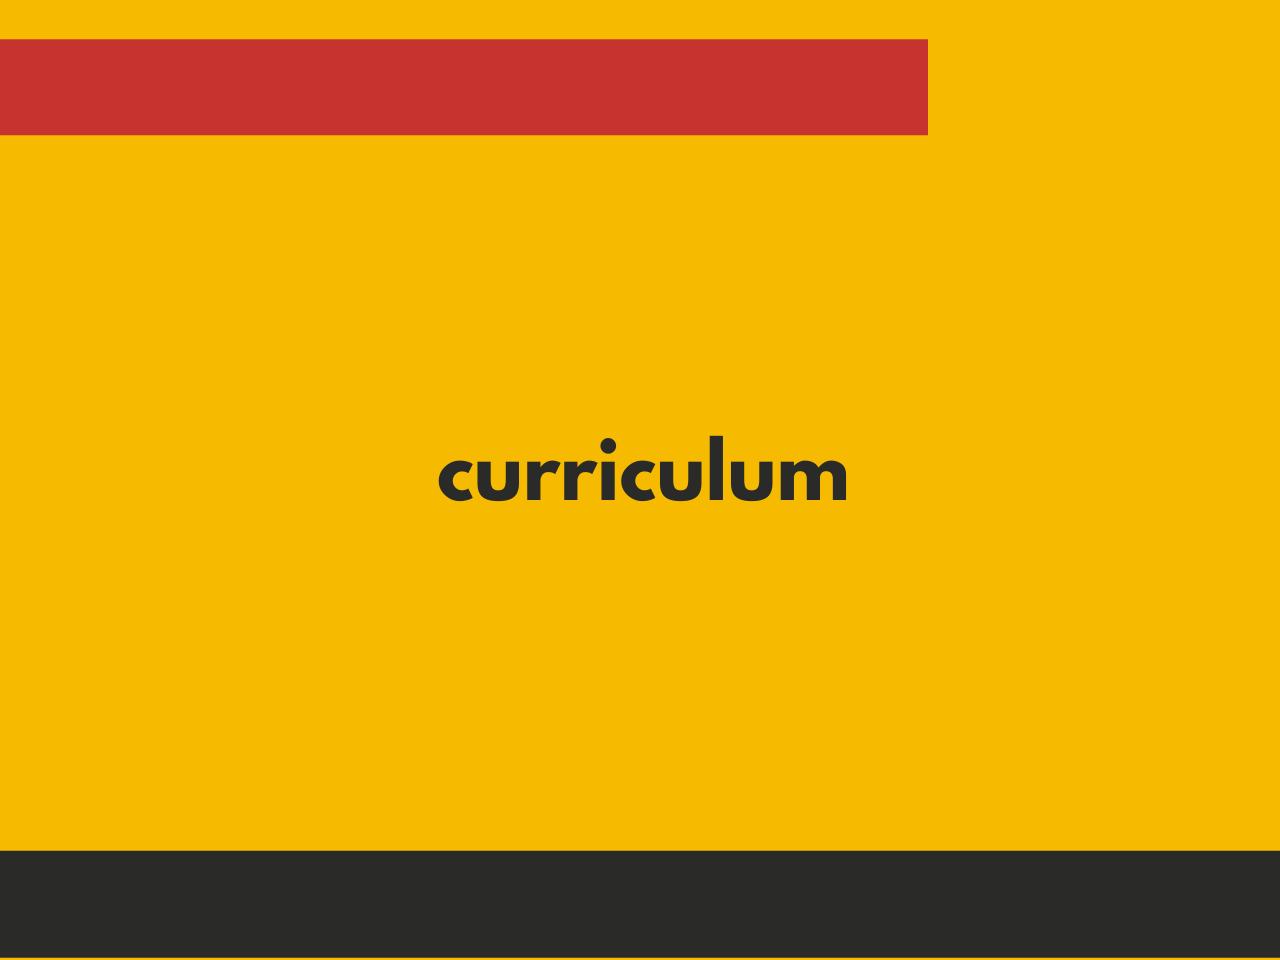 【最新版】キャンブリーの教材・コース・新カリキュラムの内容【2020年6月】